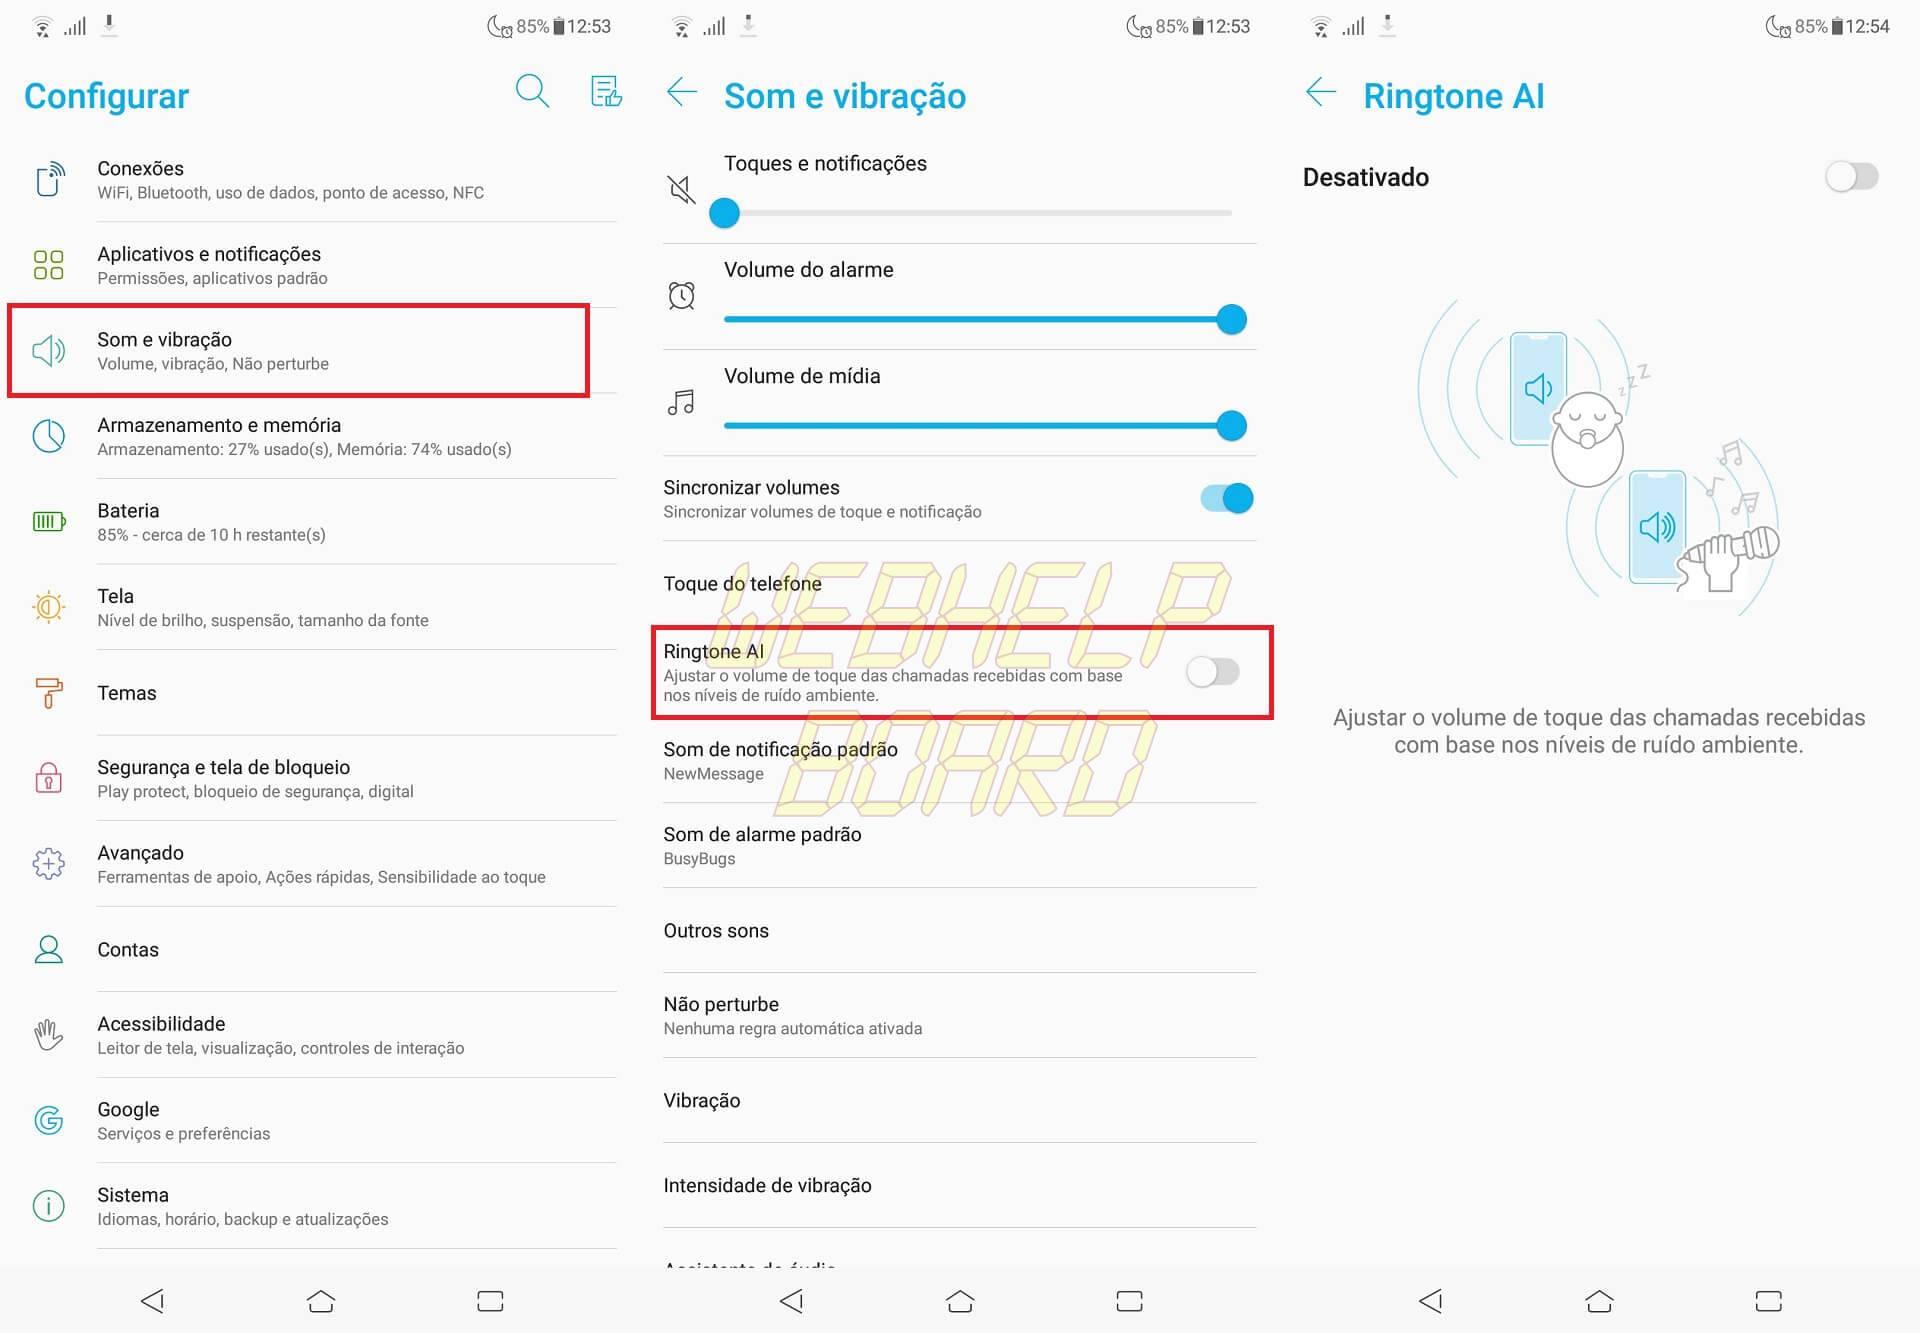 IMG 1 - Descubra 23 dicas e truques para os Asus Zenfone 5 e Zenfone 5Z